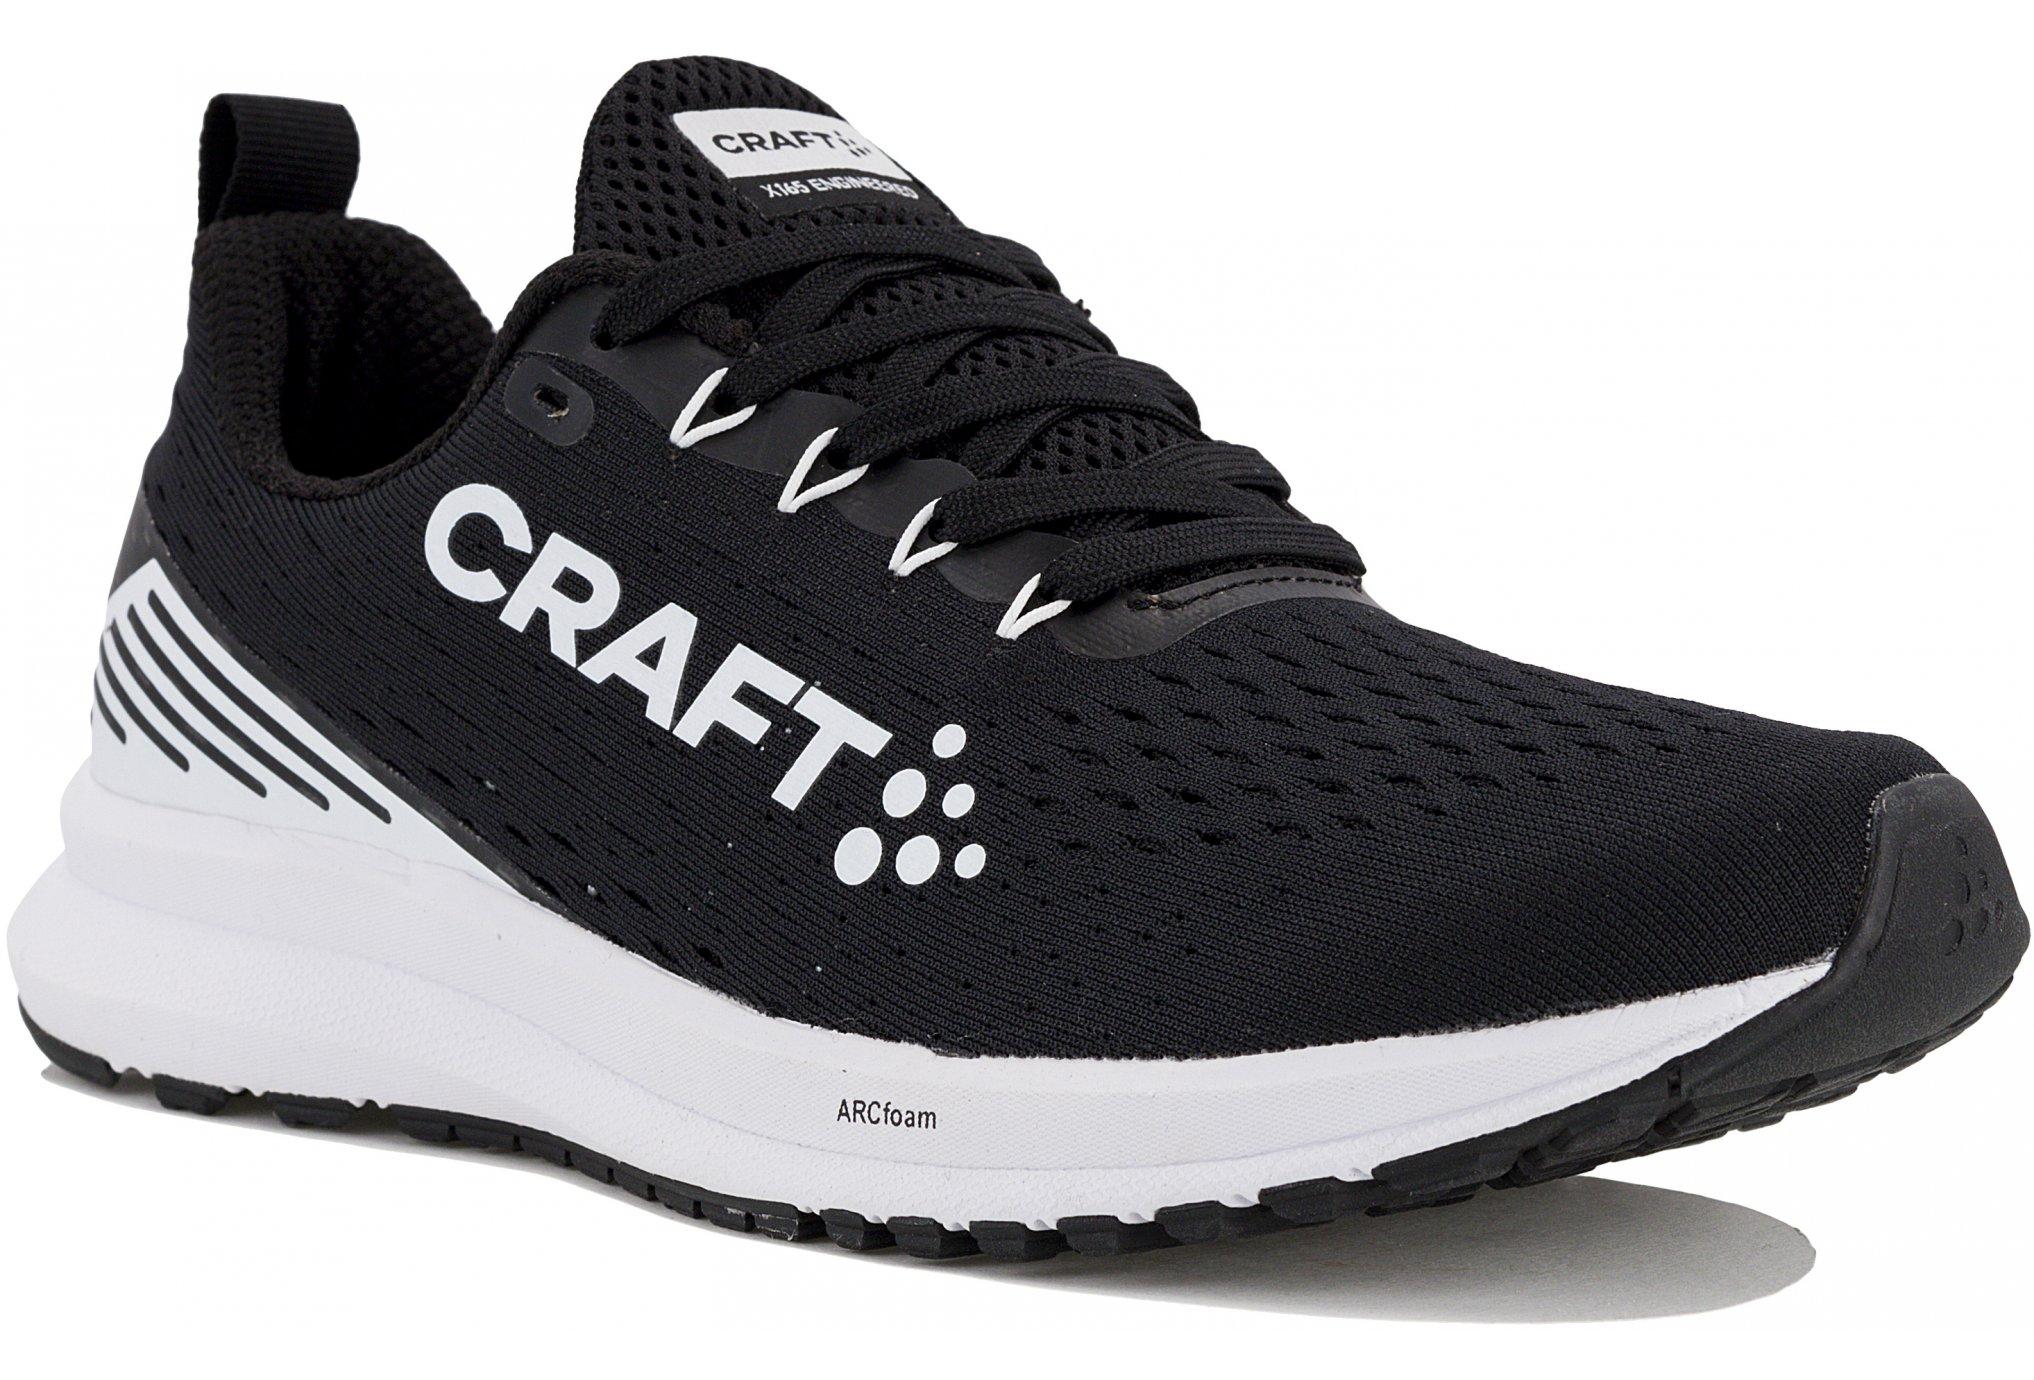 Craft X165 Engineered II W Chaussures running femme